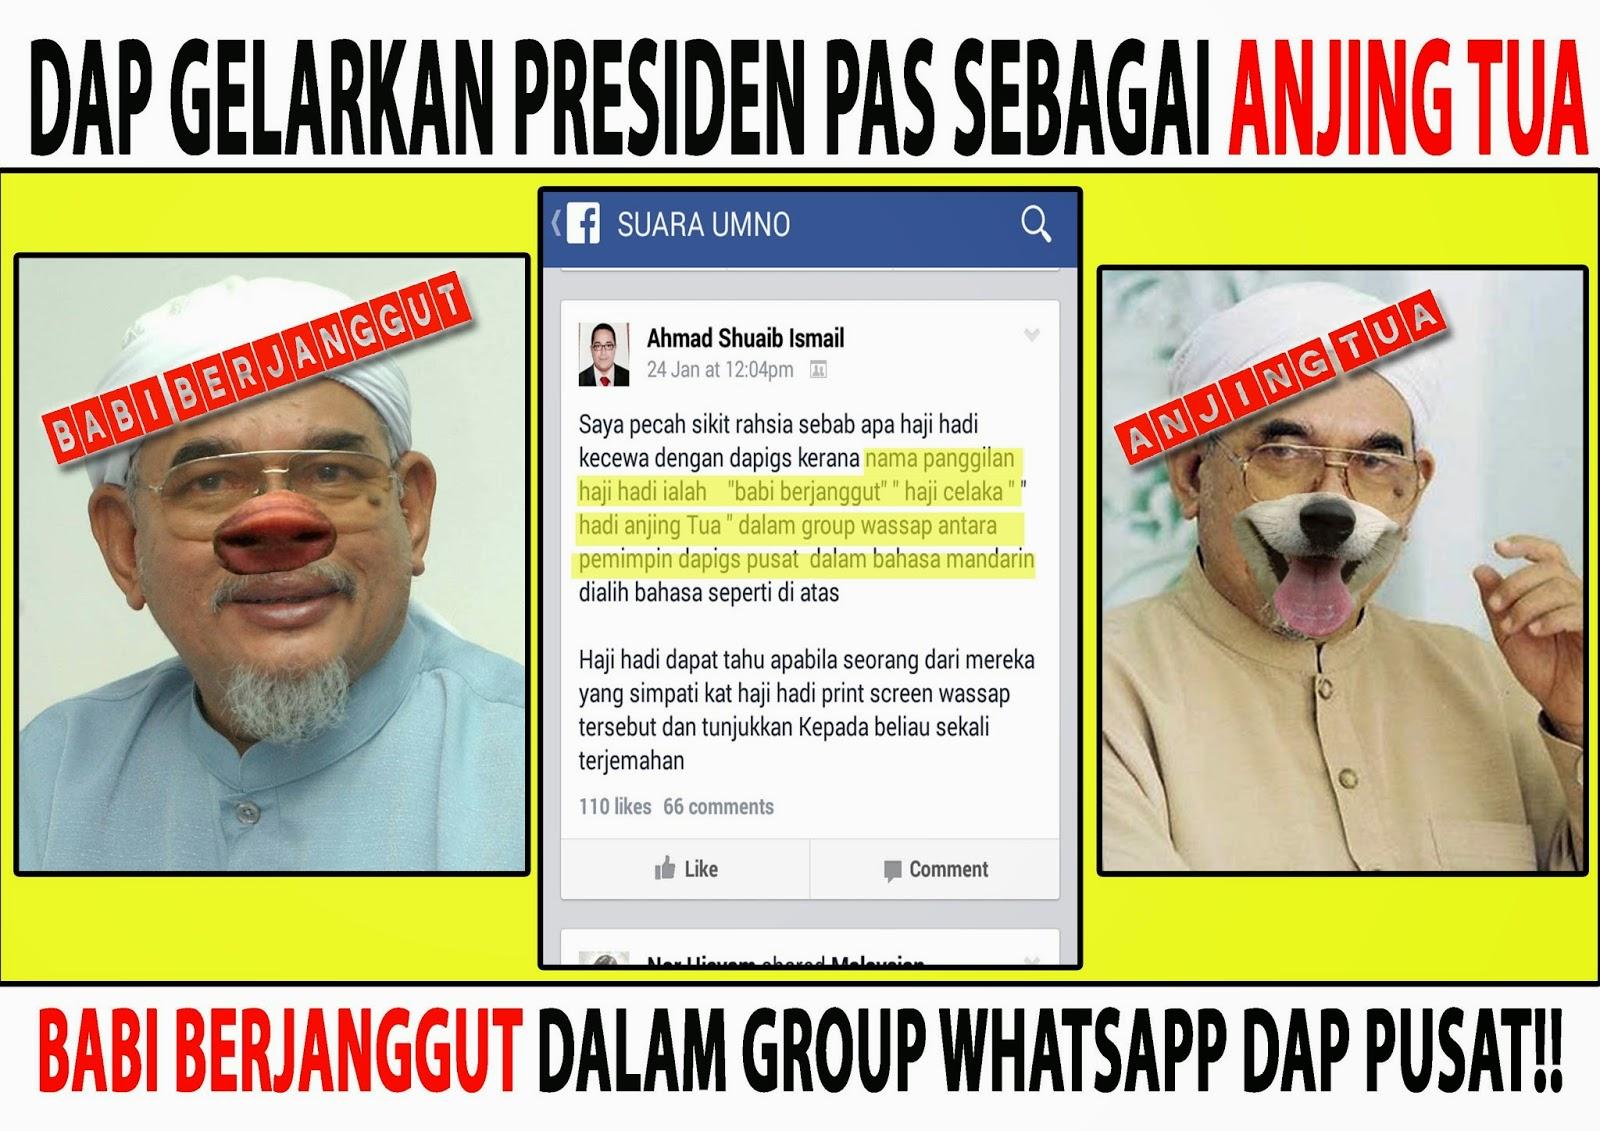 Pemimpin Pemimpin DAP Gelar Haji Hadi Anjing Tua Babi Berjanggut